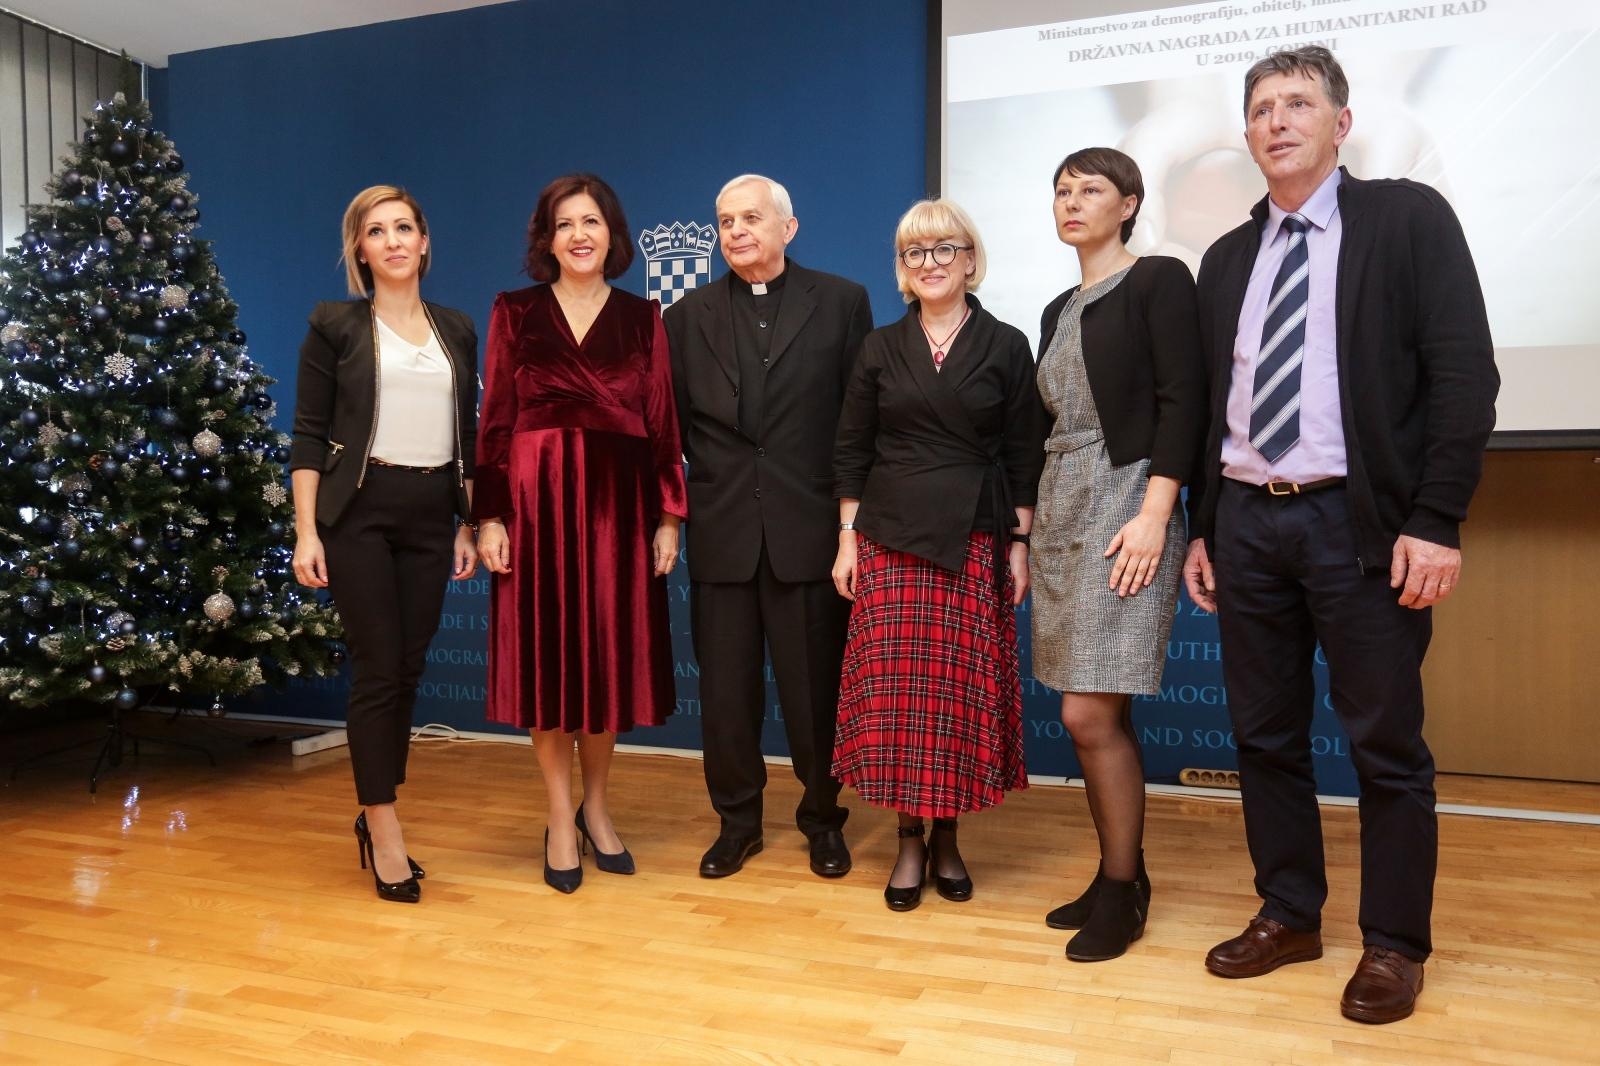 Za neizmjeran humanitarni rad velečasnom Ivanu Radeljaku uručena nagrada za životno djelo